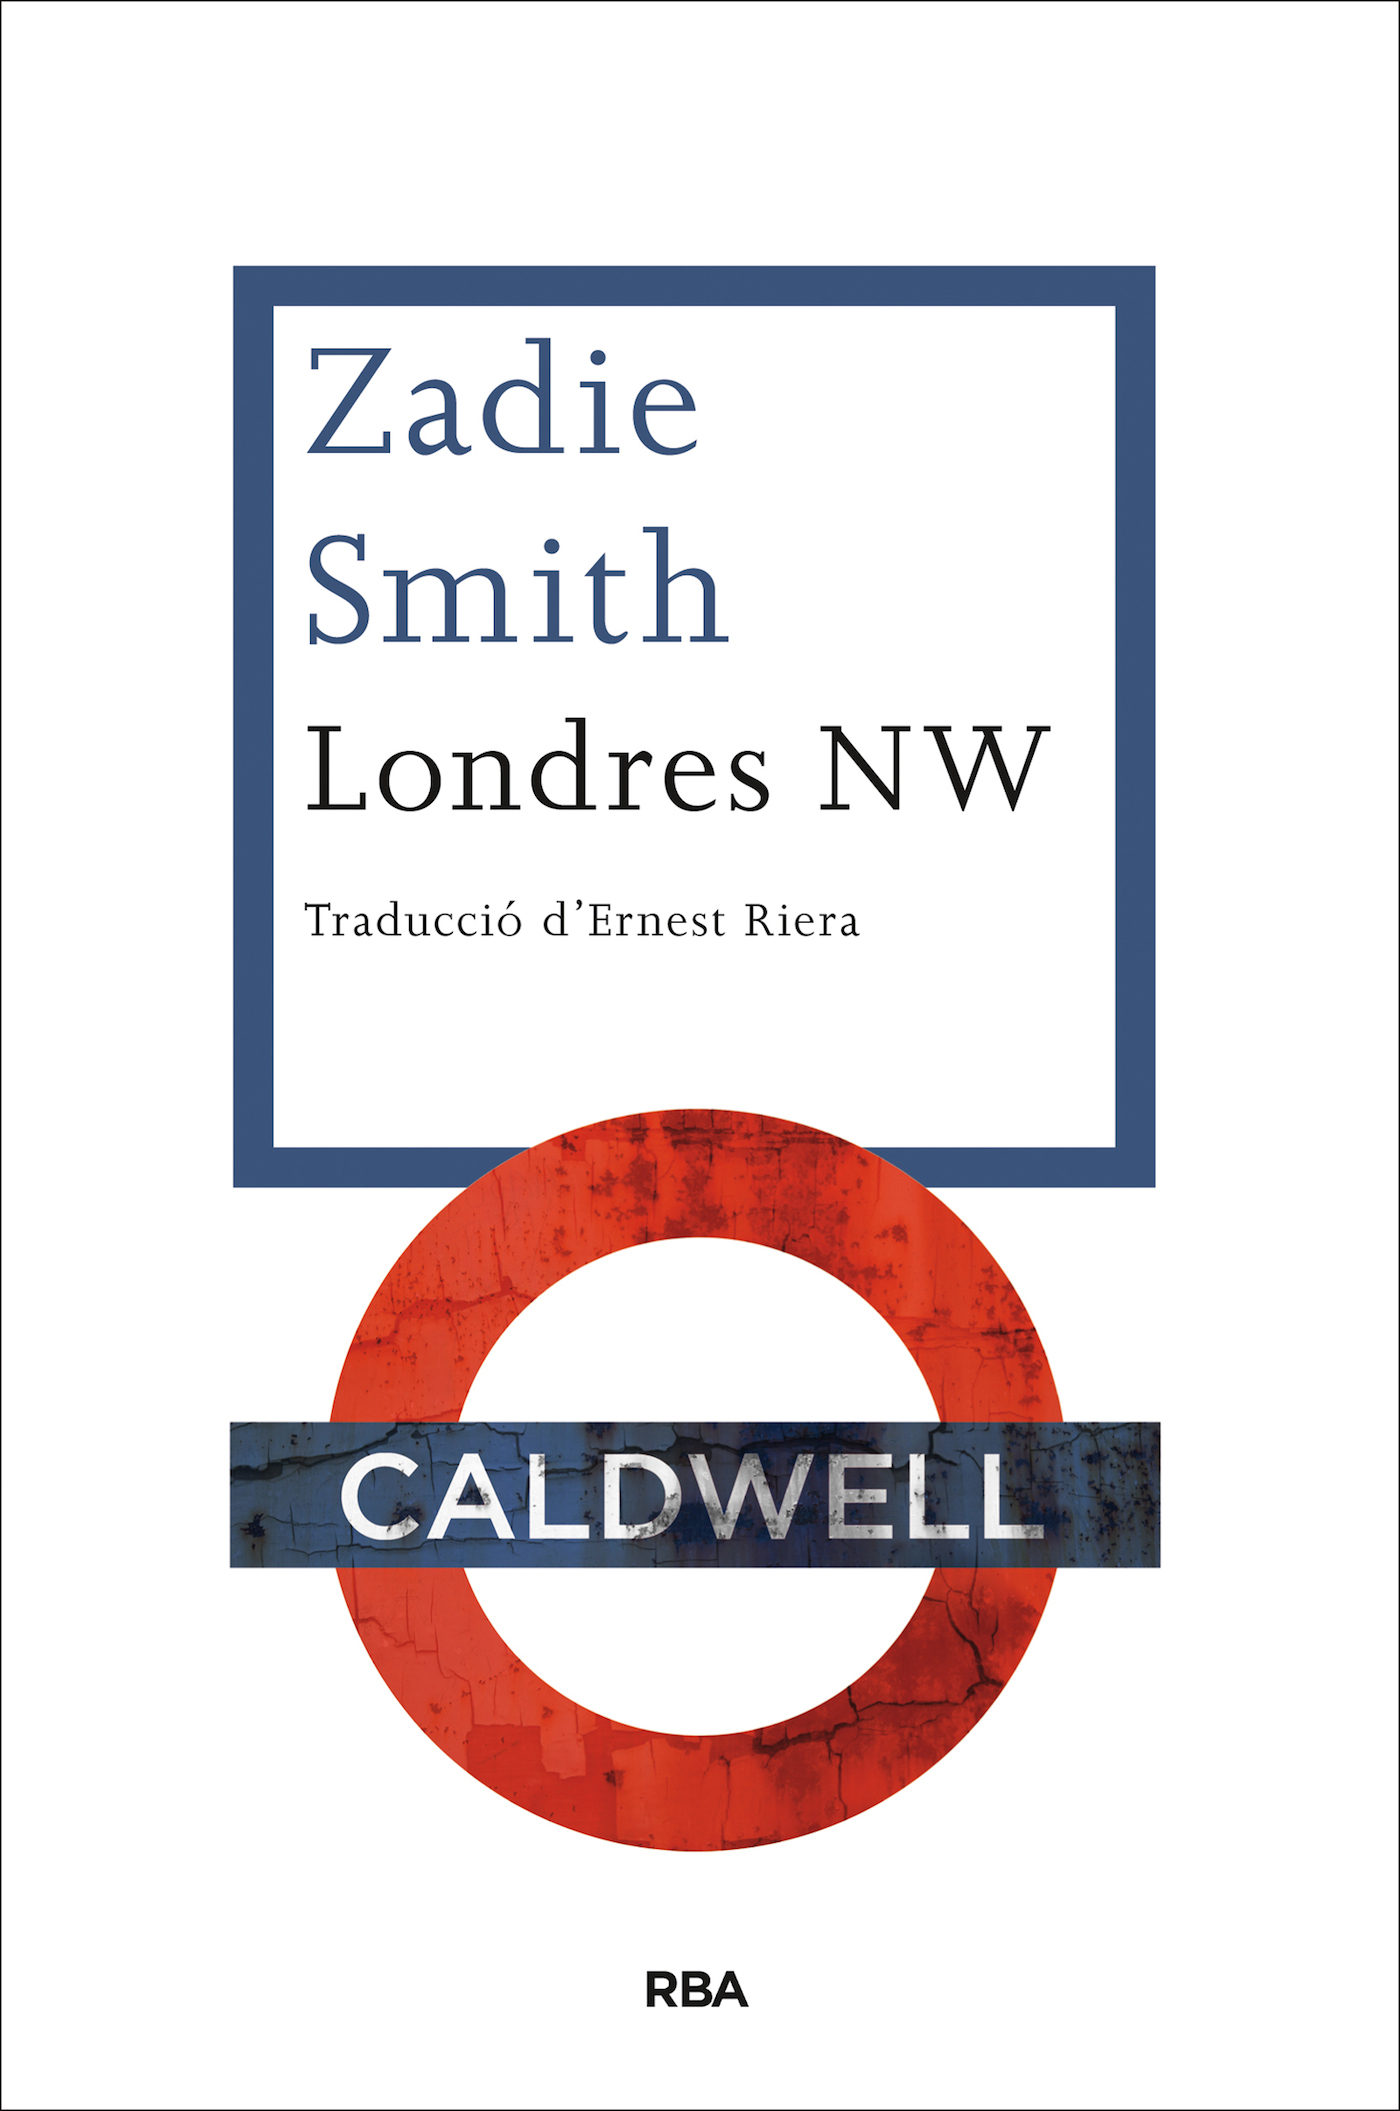 Londres NW - Zadie Smith